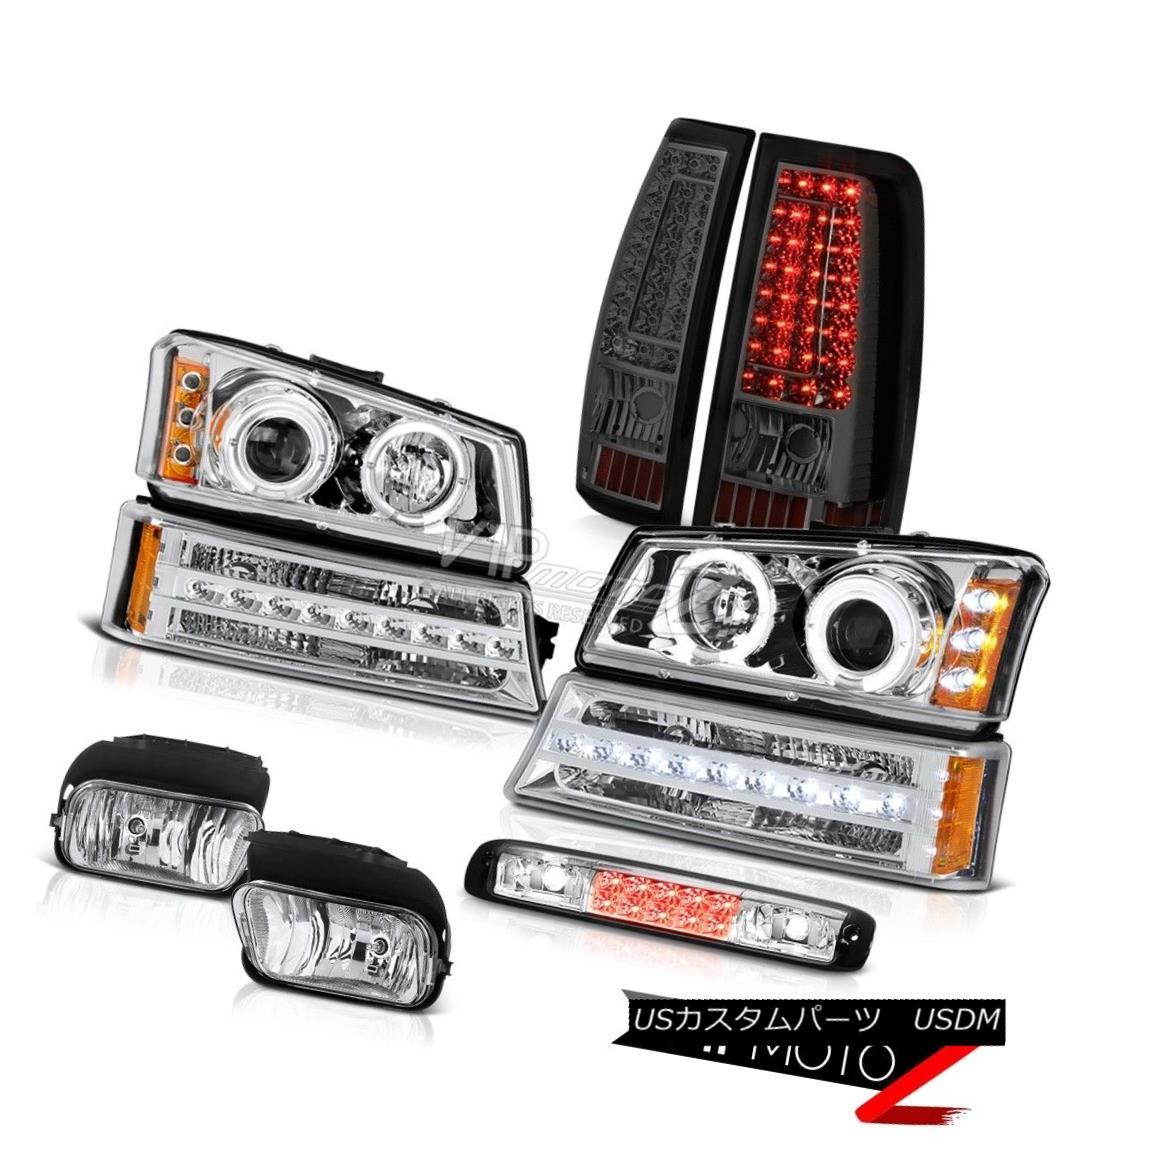 ヘッドライト 2003-2006 Silverado 3500Hd 3RD Brake Lamp Fog Lamps Rear Parking Light Headlamps 2003-2006シルバラード3500Hd 3RDブレーキランプフォグランプリアパーキングライトヘッドランプ